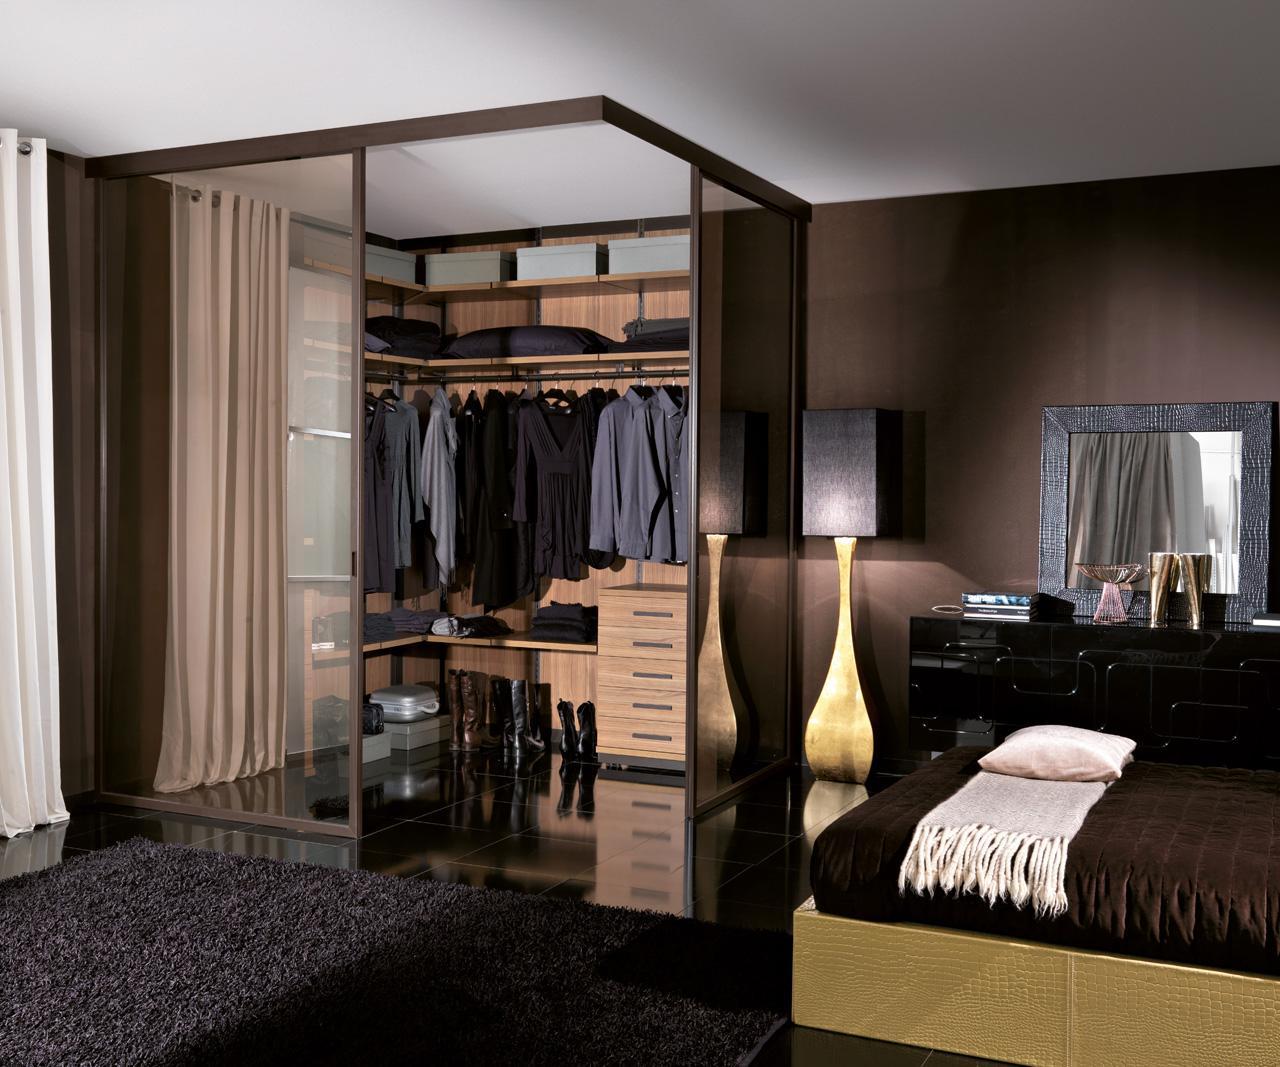 Дизайн спальни 20 кв м в современном стиле, гардеробная в ... Дизайн Спальни С Угловой Гардеробной